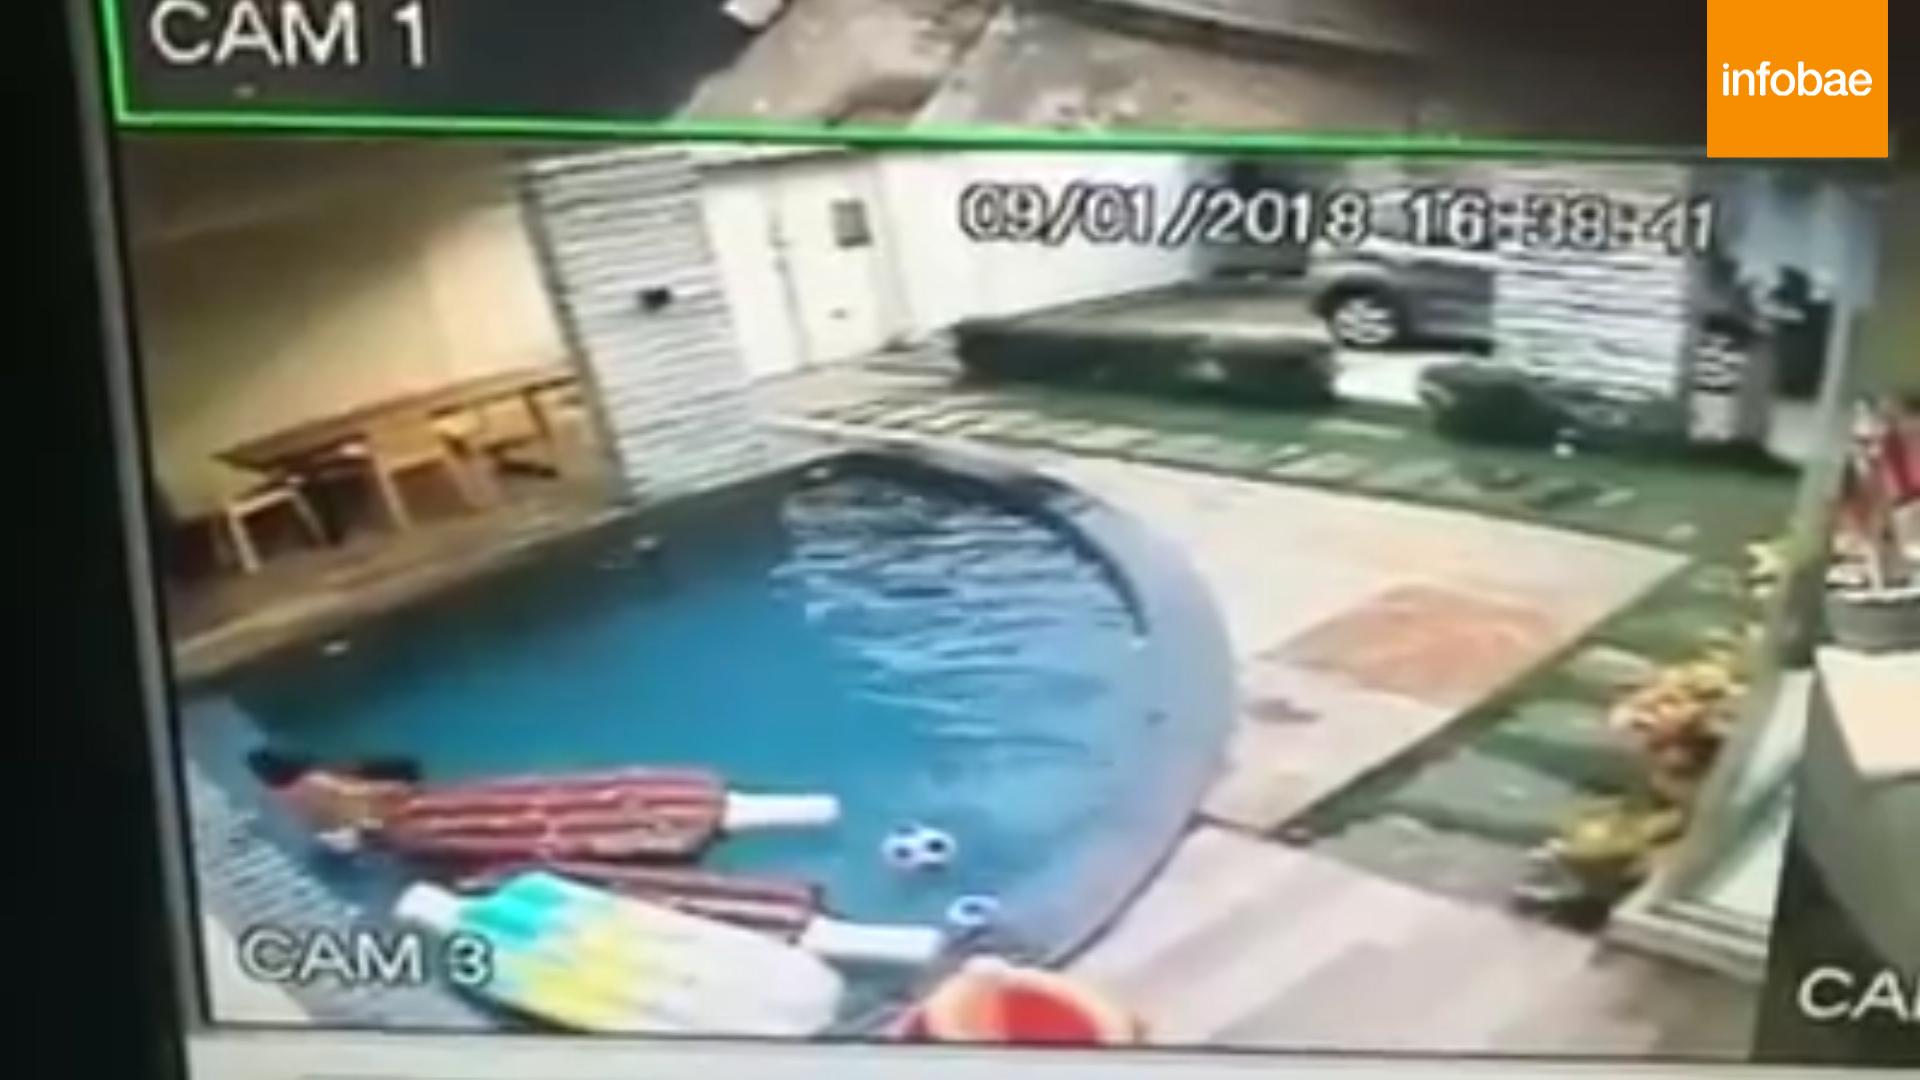 Tras sacarlo de la piscina, lo retó por haberse ido sin permiso